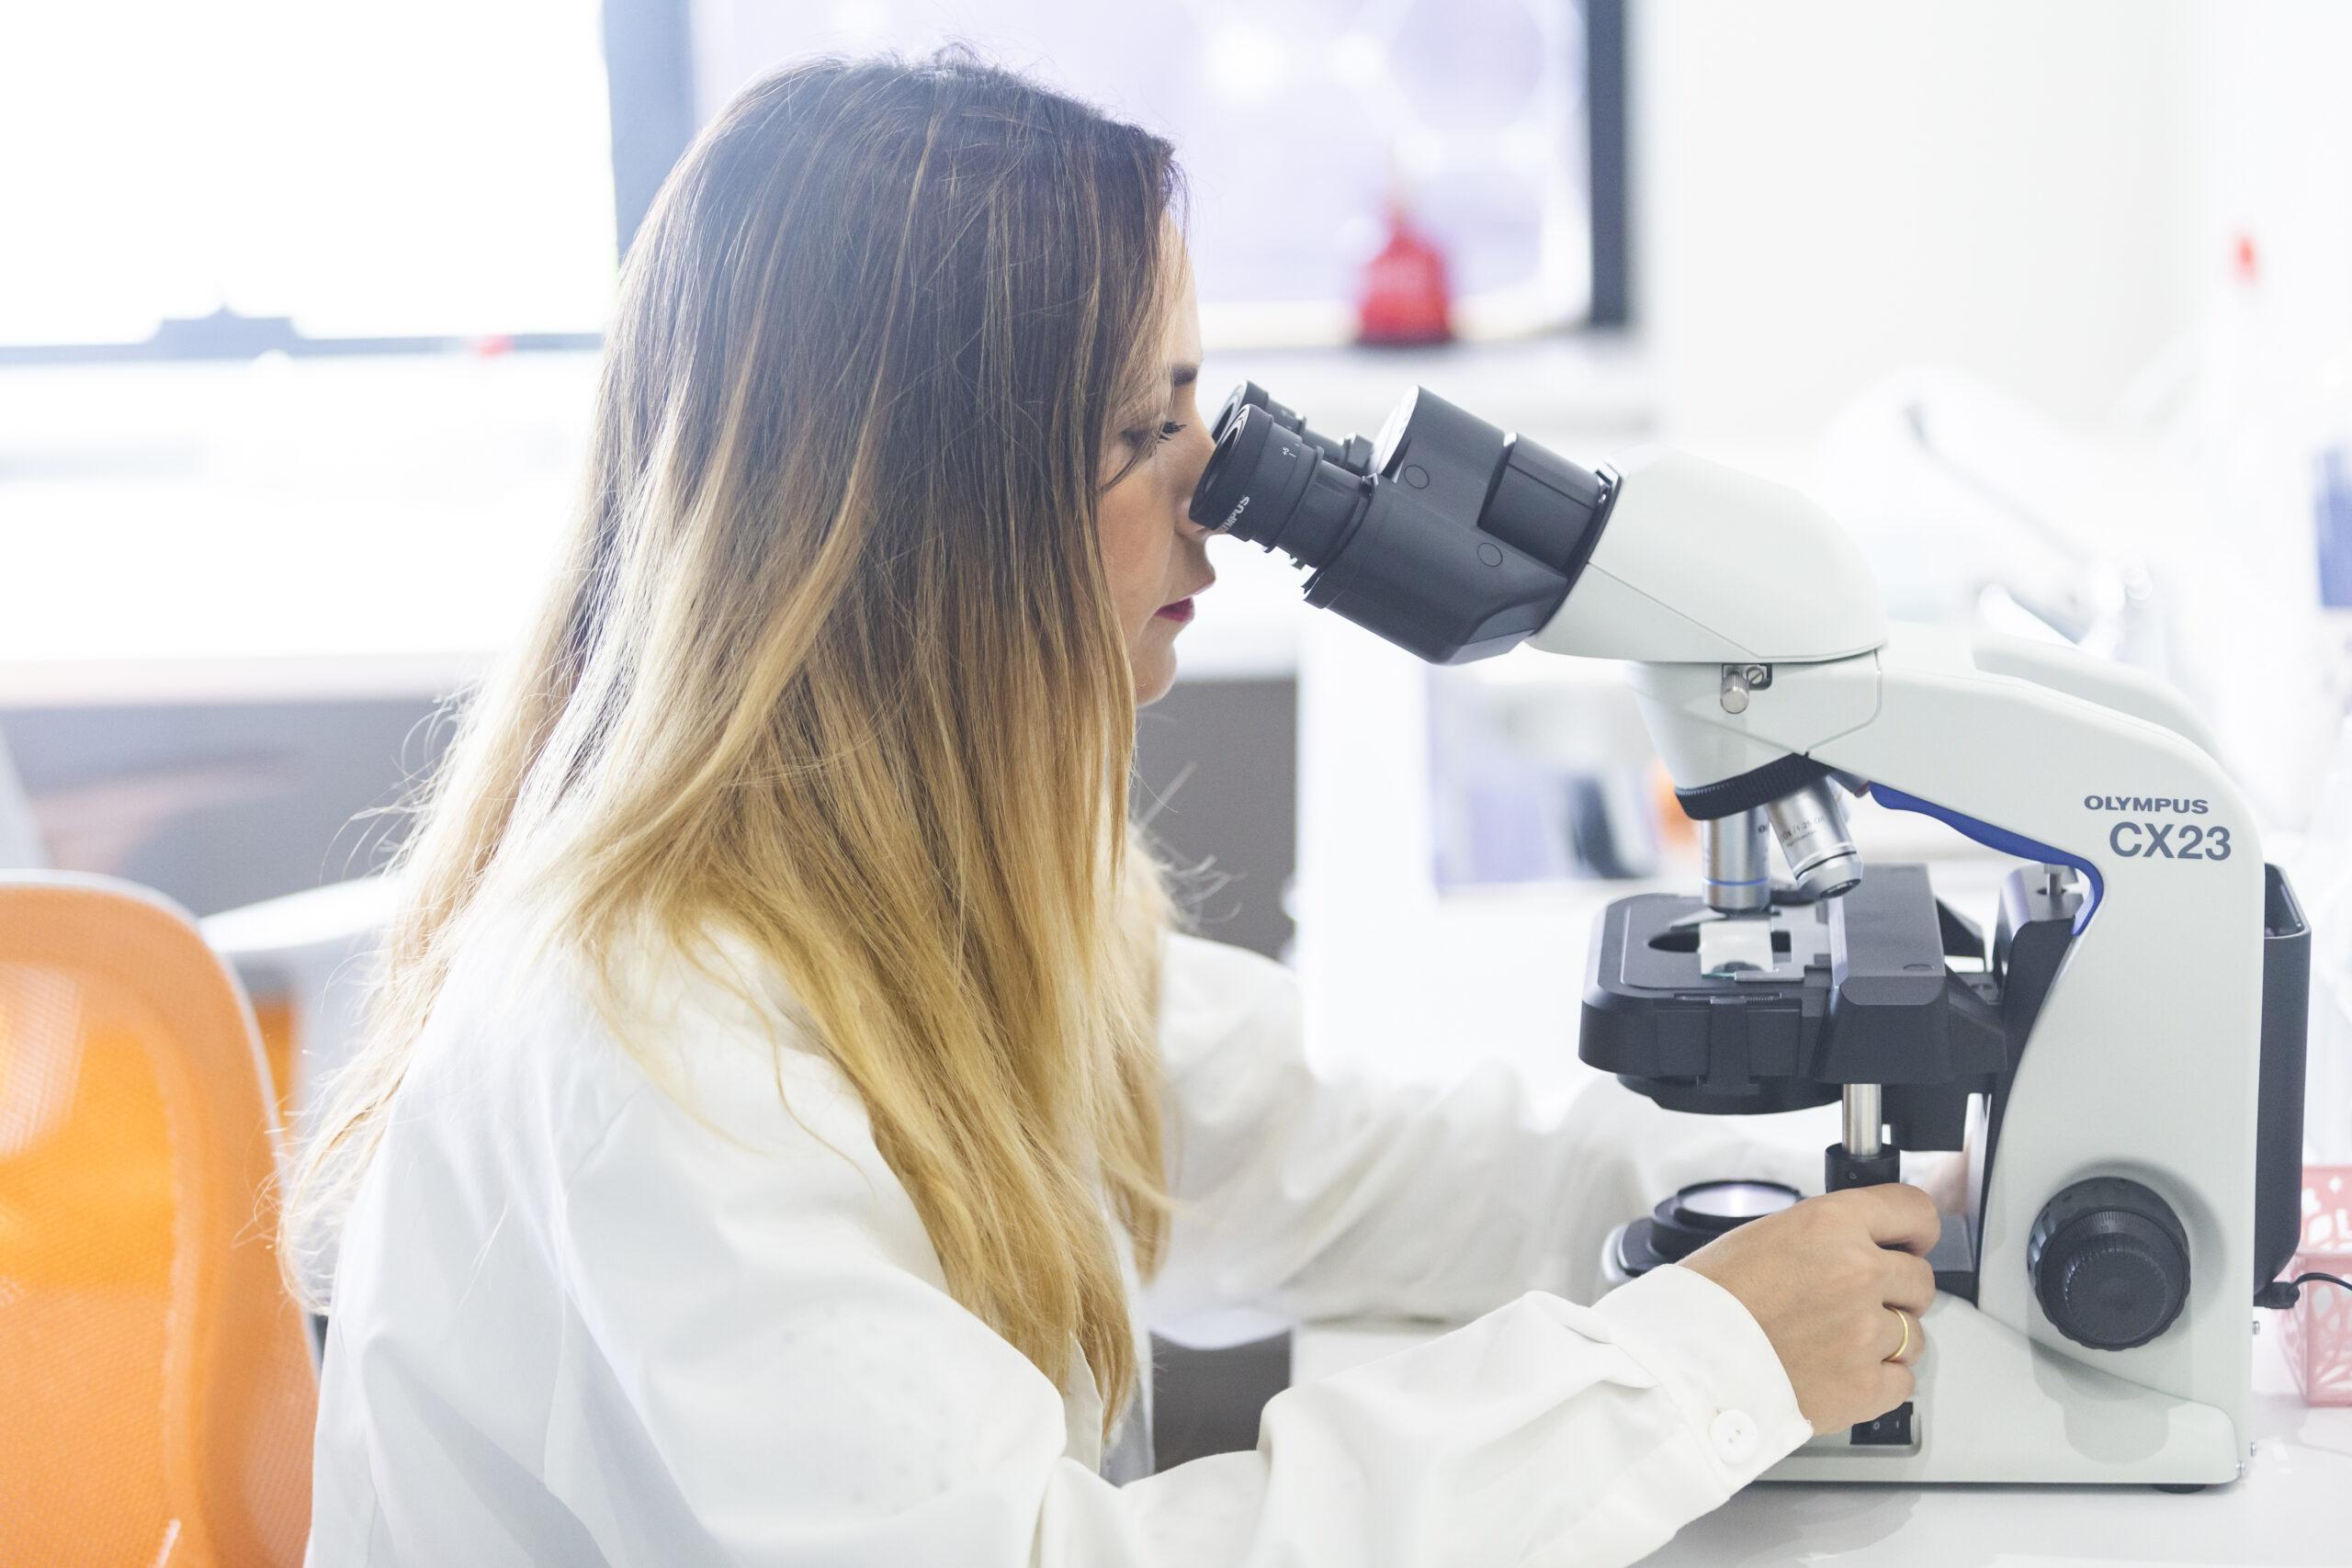 mikrolab diagnostiko testing giatro